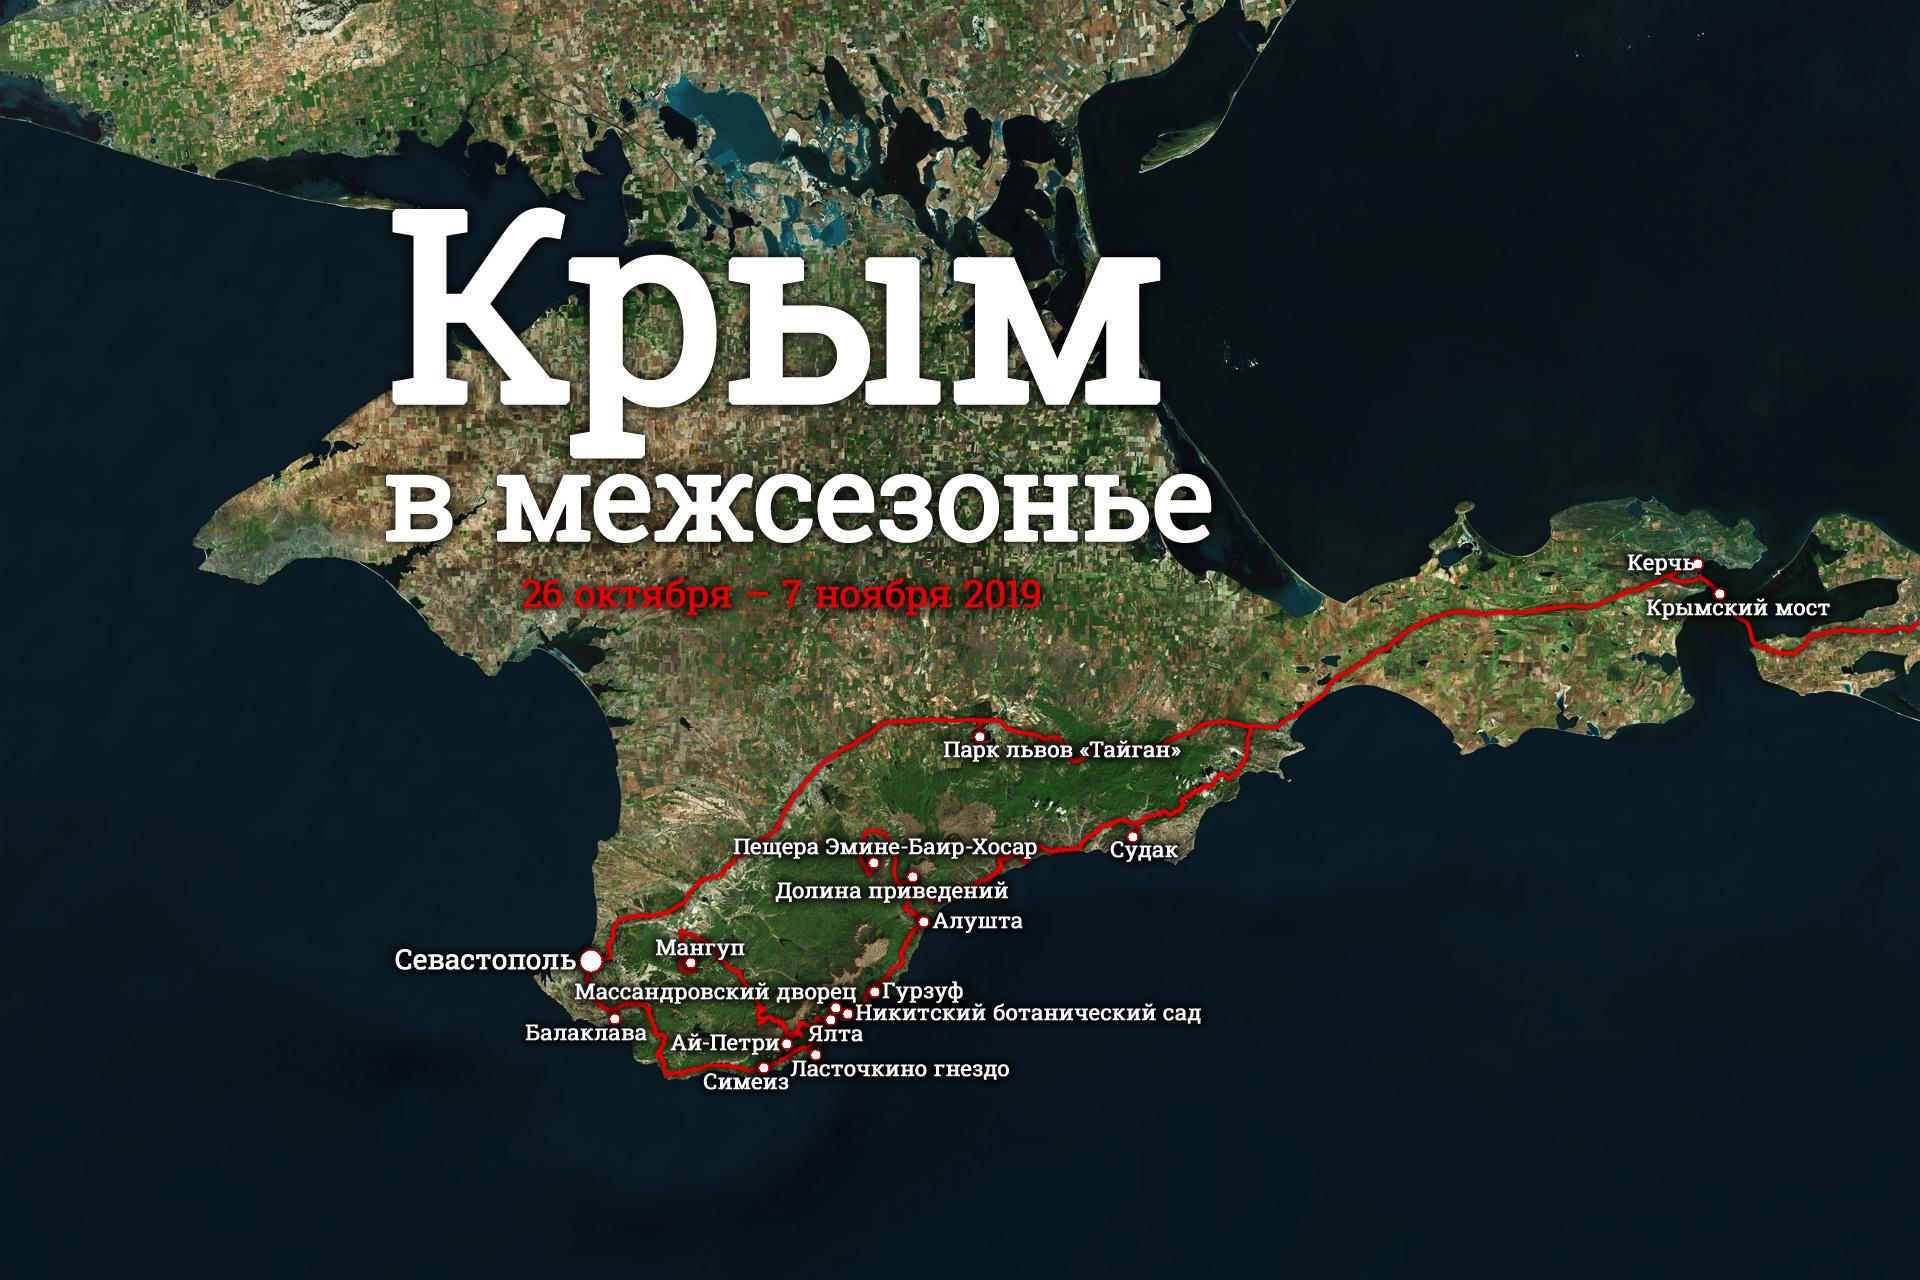 Маршрут путешествия «Крым в межсезонье»